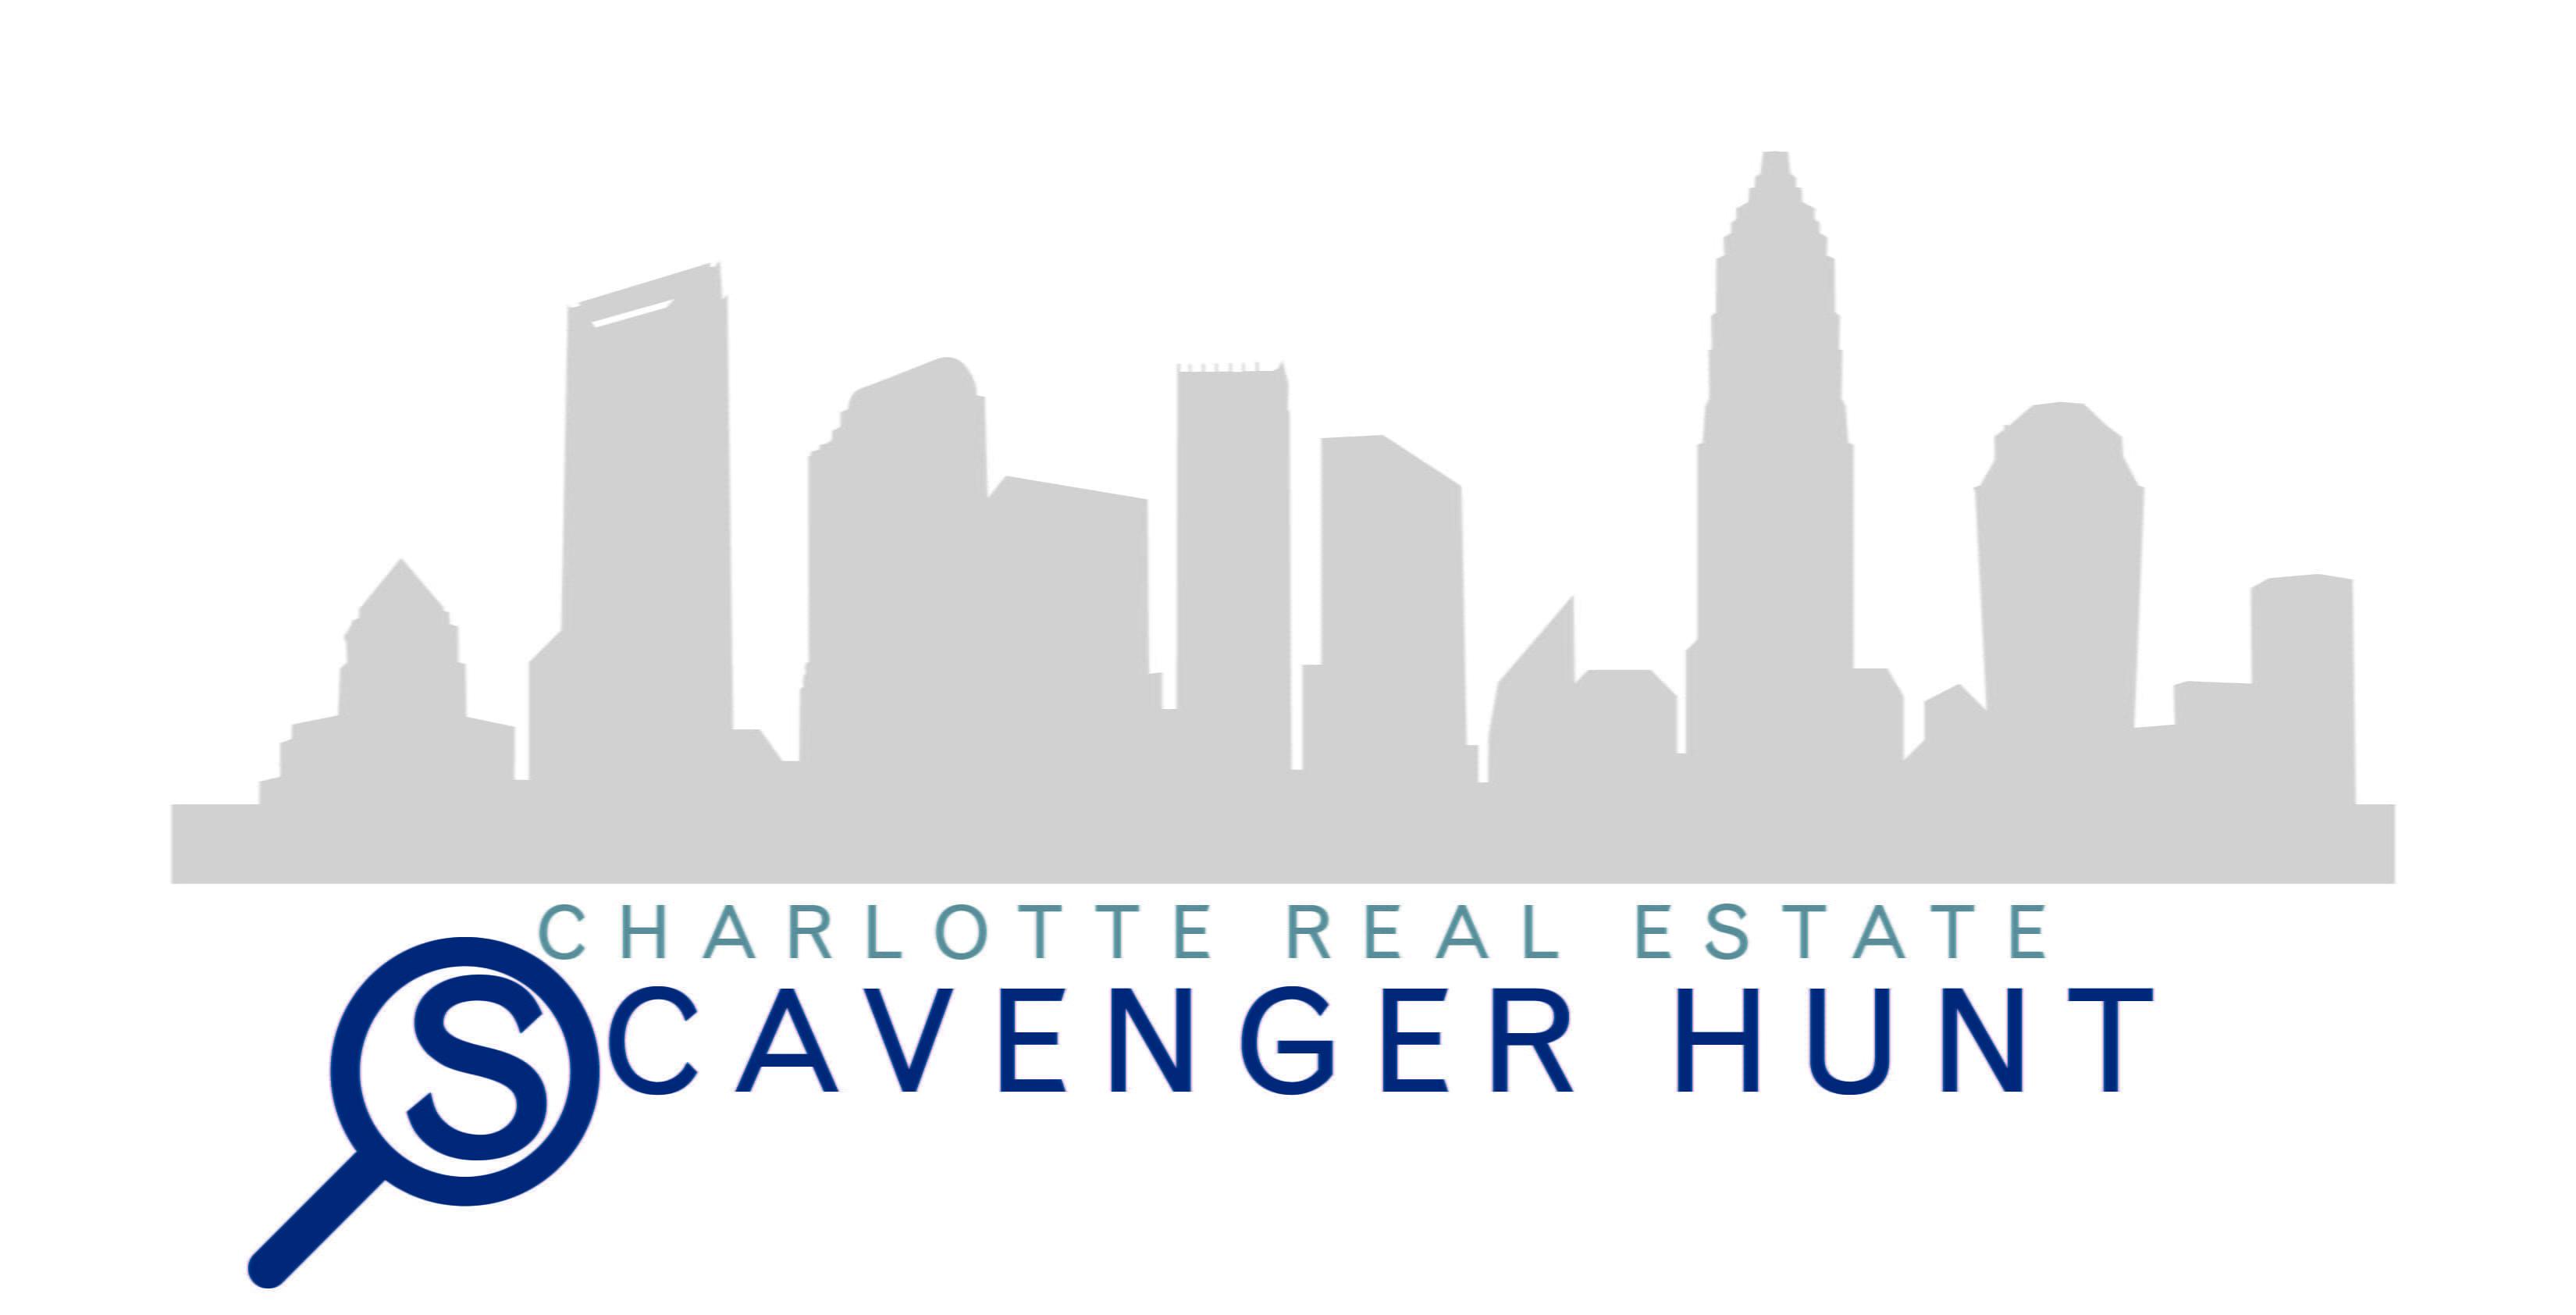 Charlotte Real Estate Scavenger Hunt